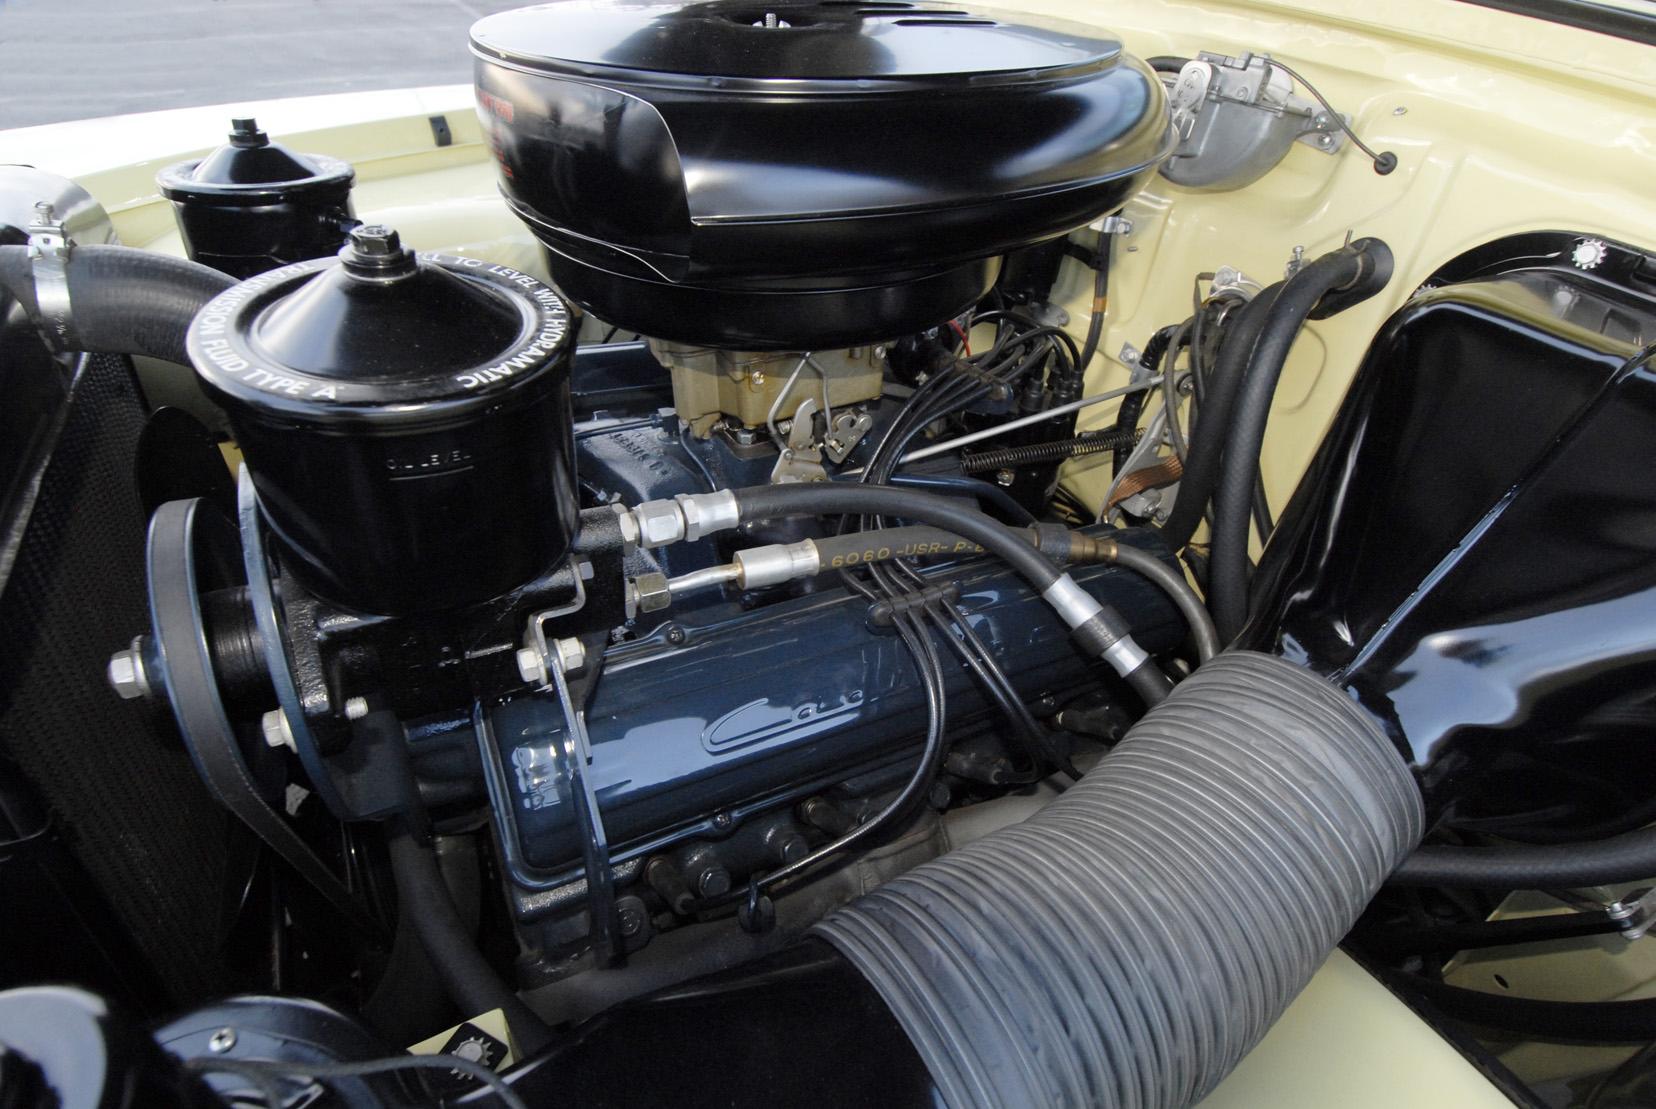 1968 eldorado v8 engine diagram all wiring diagram Big Block Chevy Oiling System Diagram english how car engines work diagram 1968 eldorado v8 engine diagram